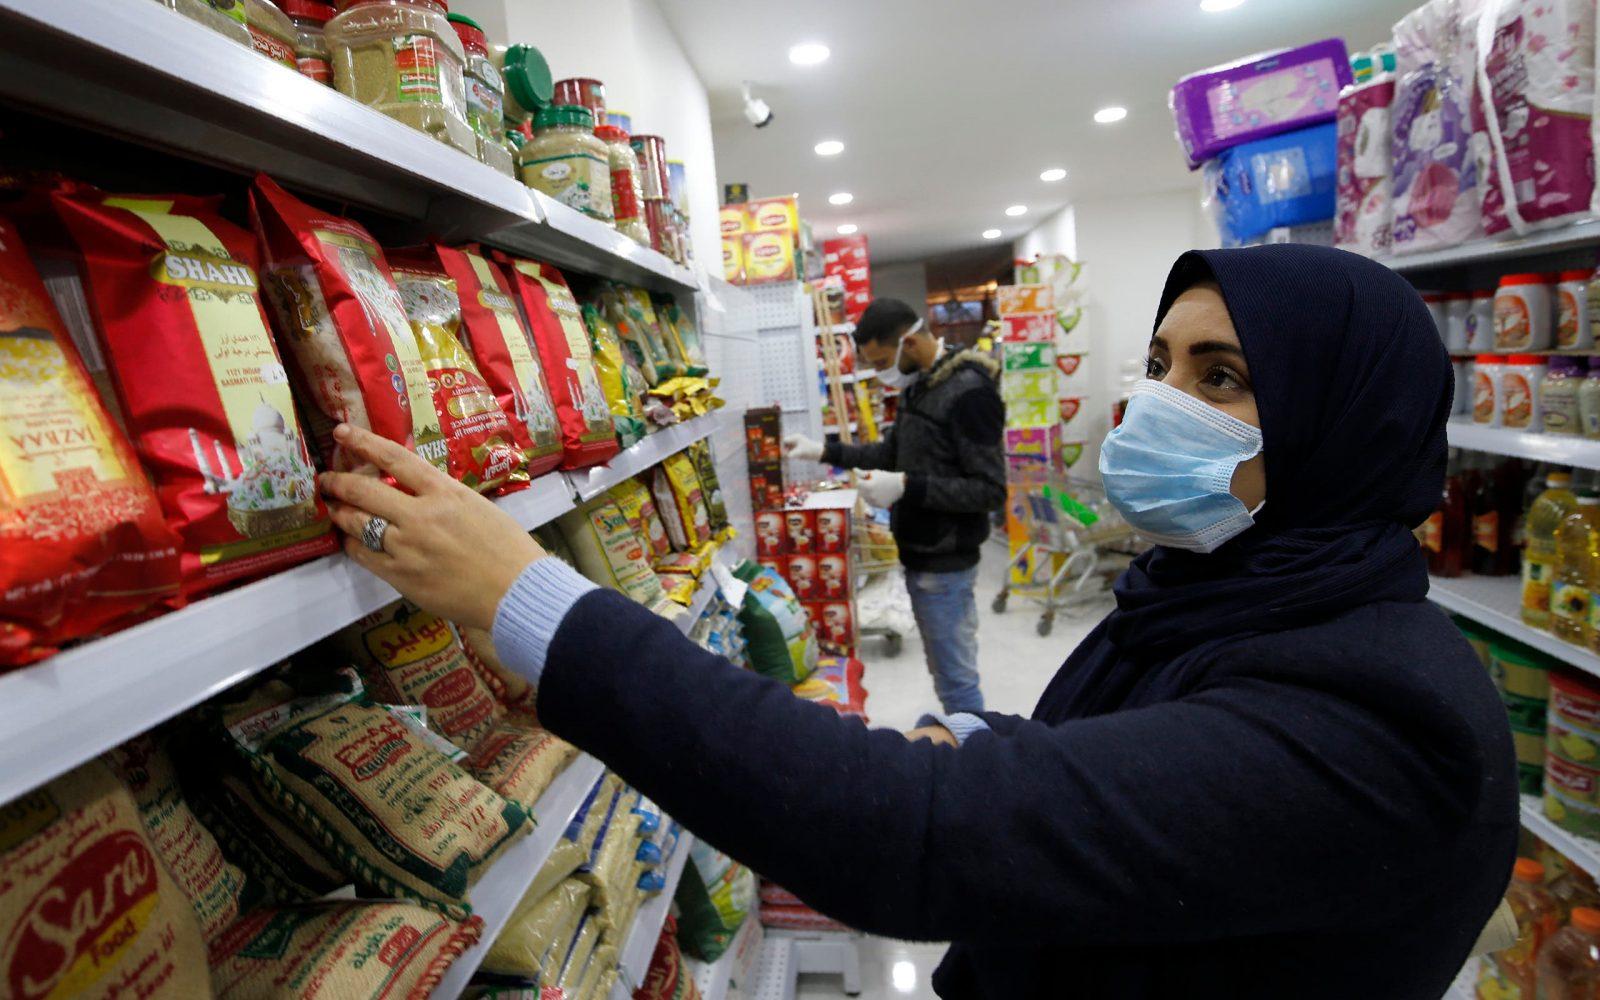 عيد فطر استثنائي في مصر بسبب فيروس كورونا